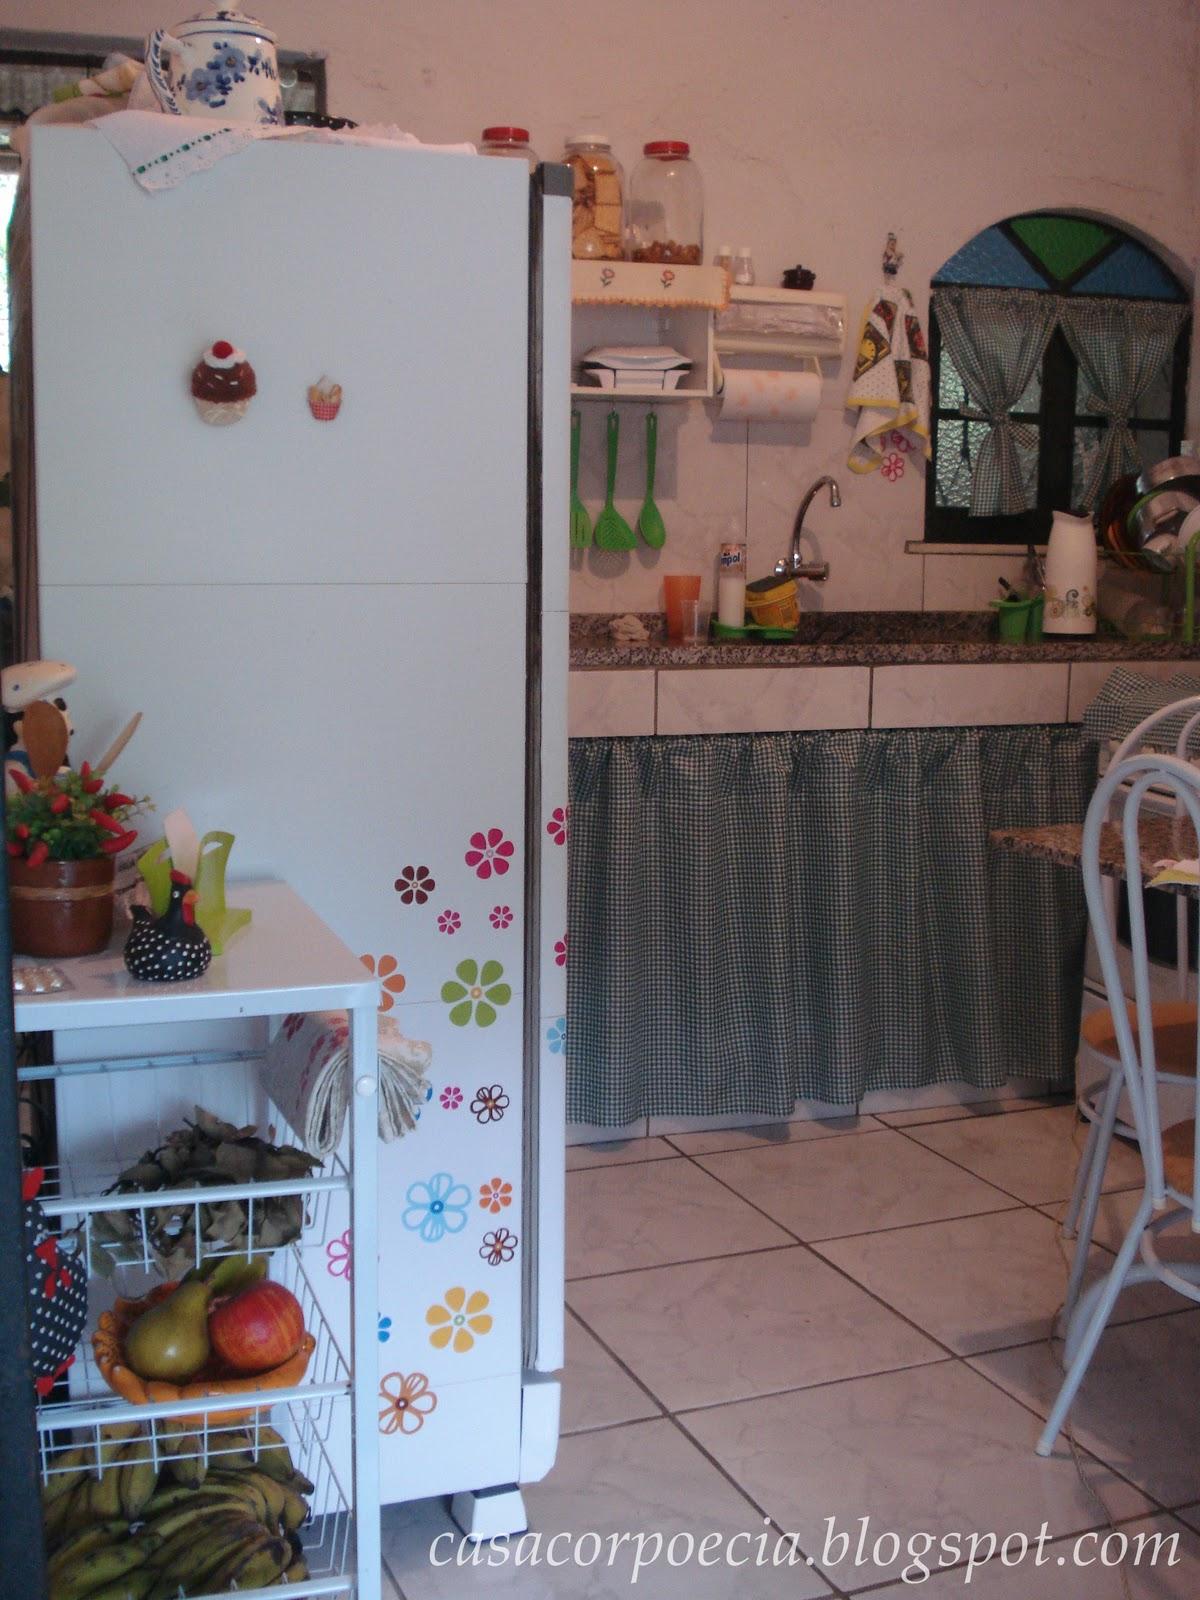 barata: cozinha simples porém muito organizada com idéias simples e  #336199 1200 1600